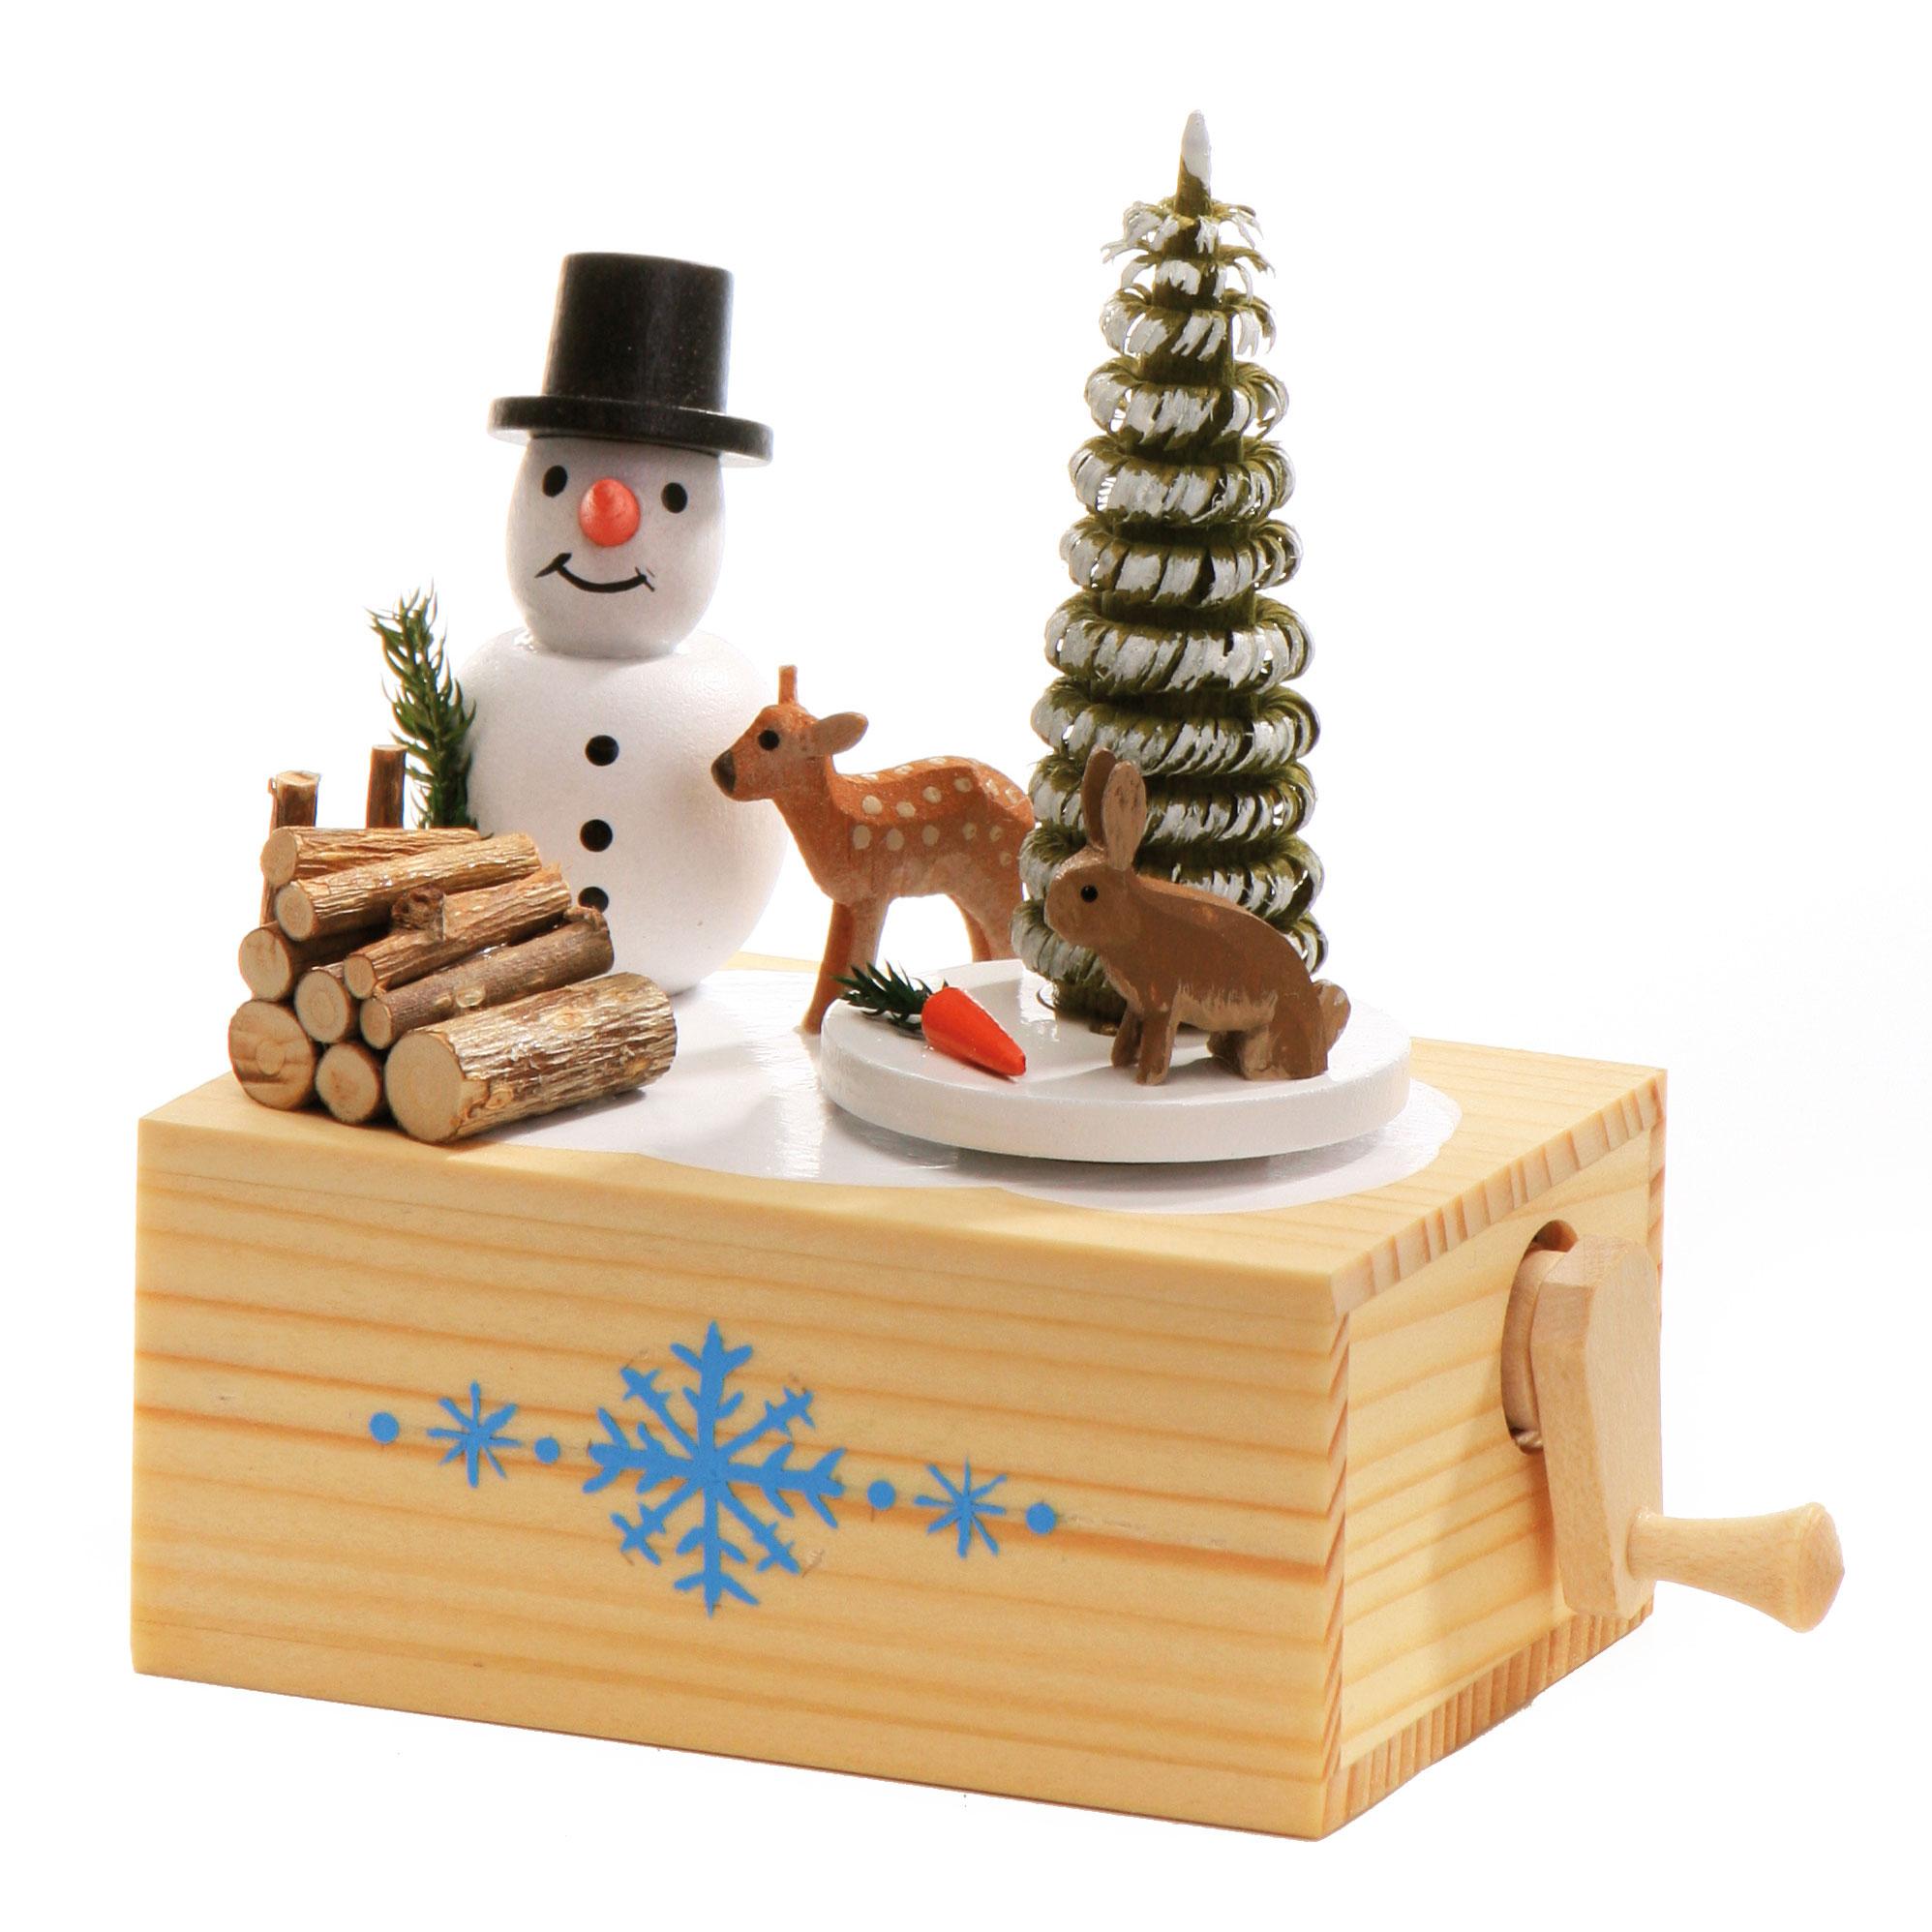 Musikdose mit Schneemann